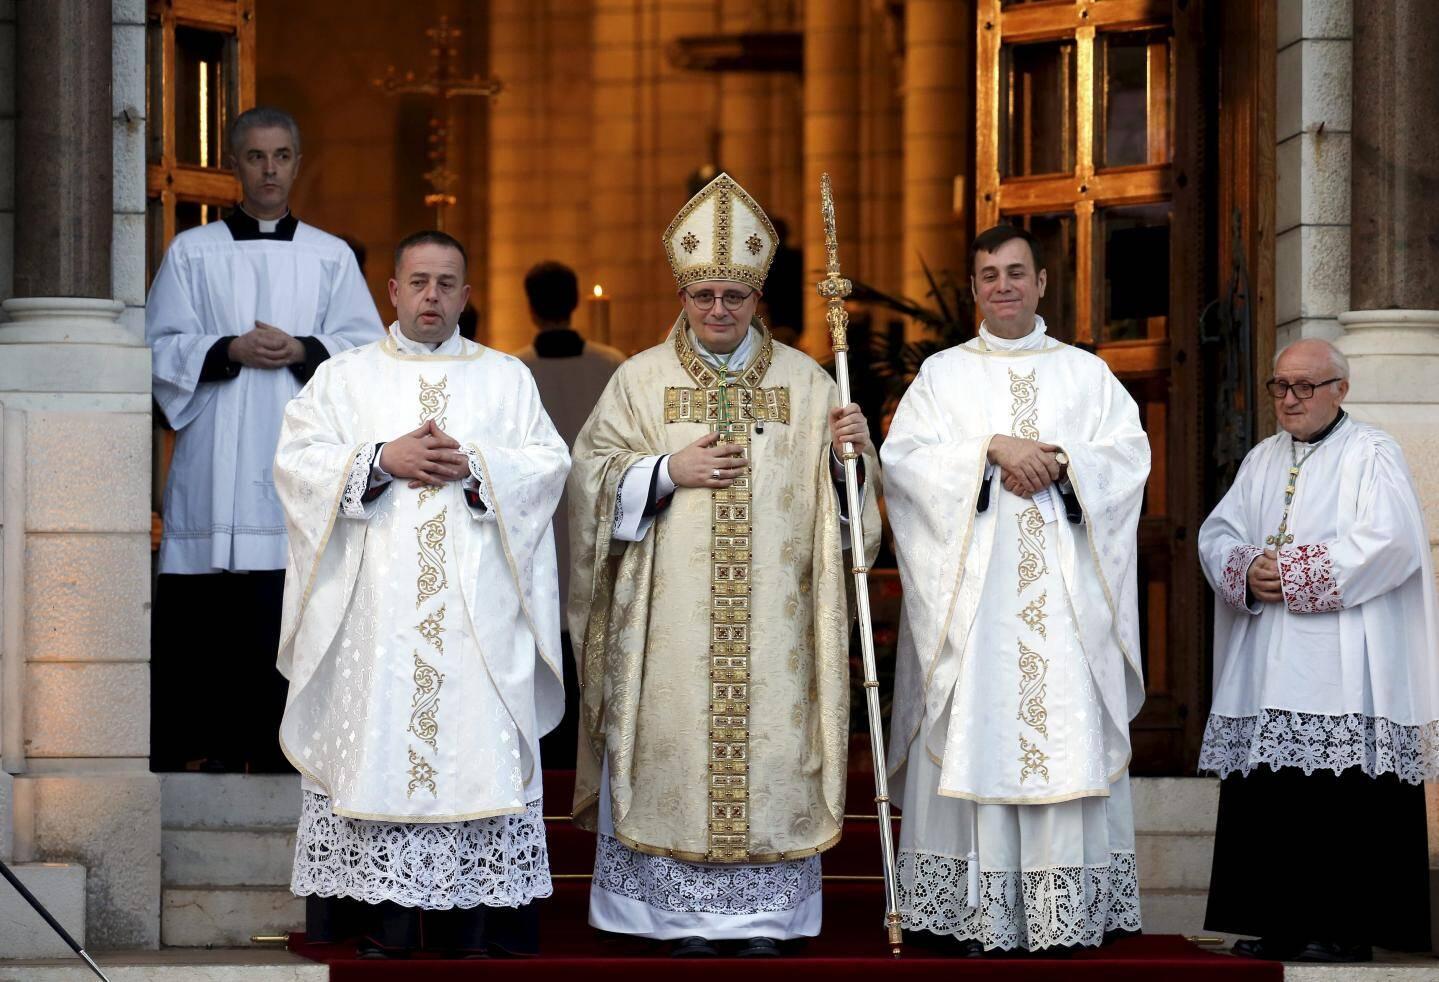 Le vicaire général Mgr Guillaume Paris, l'archevêque Mgr Dominique-Marie David, le chanoine Daniel Deltreuil, curé de la cathédrale, et le père César Penzo, chapelain du Palais princier.